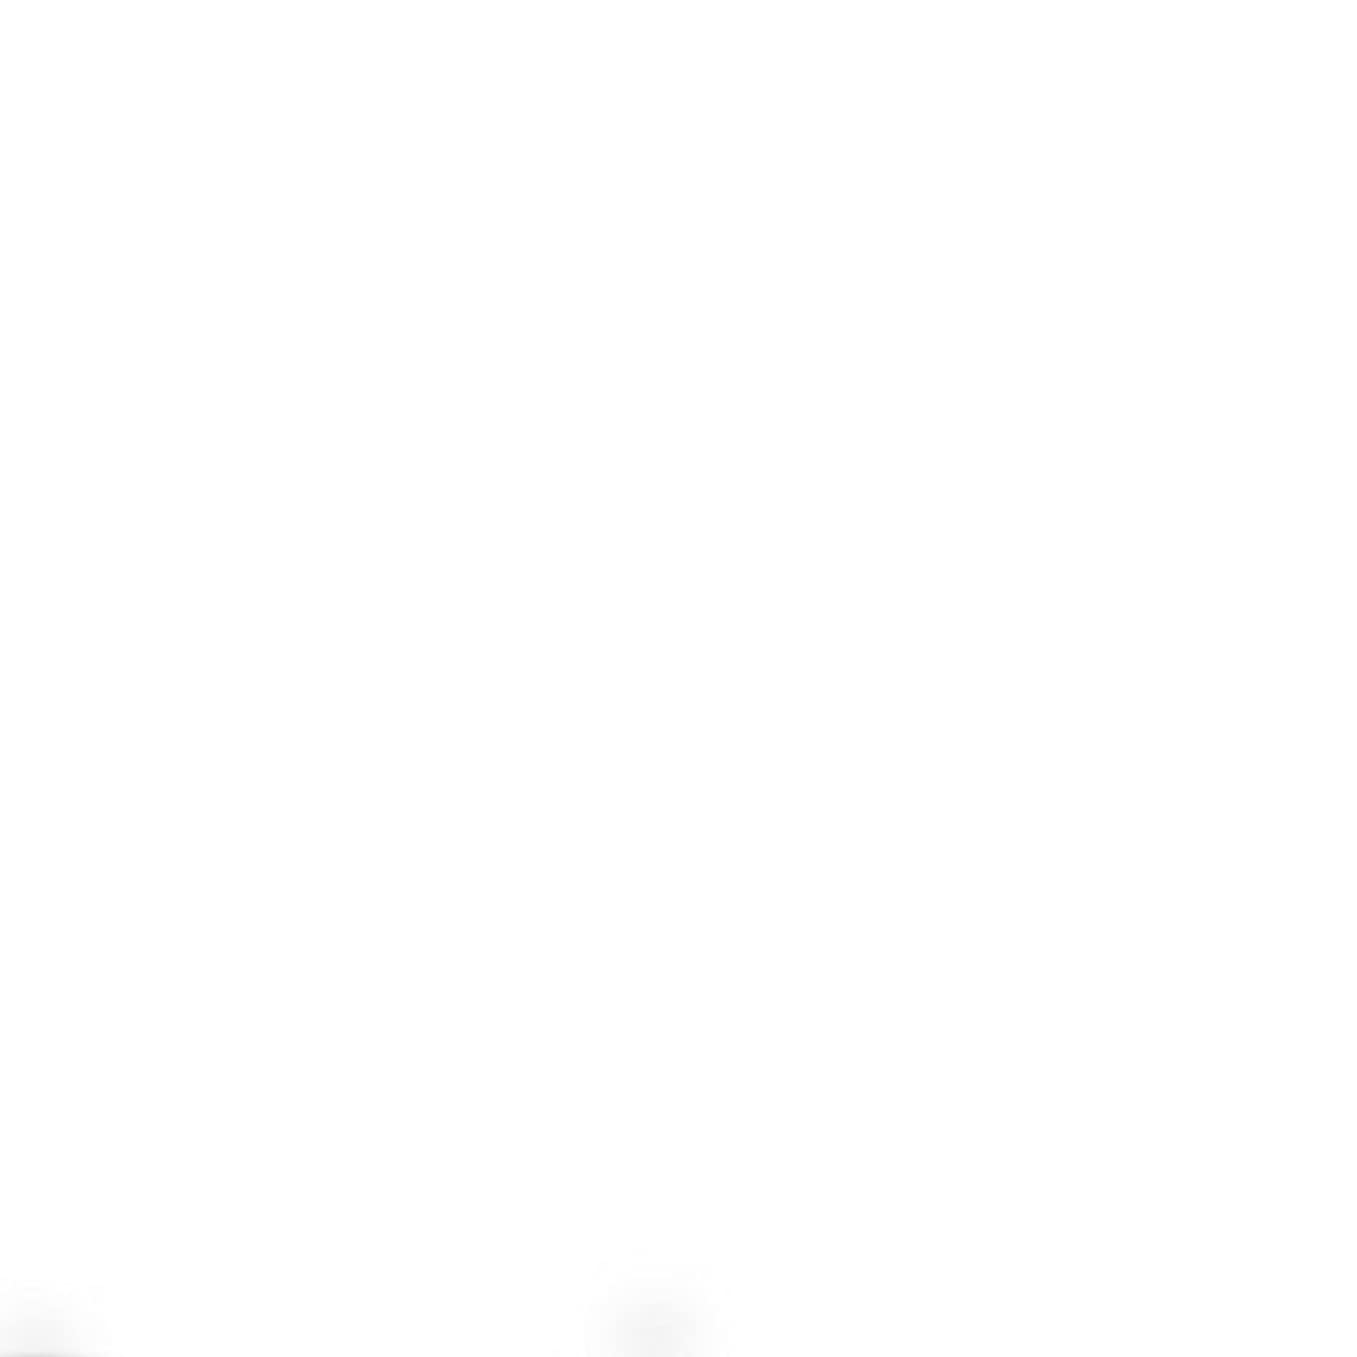 おそらくクレタ変形Neutrogena ニュートロジーナ ウェットスキン キッズ 日焼け止めセット (チューブタイプ) [並行輸入品]